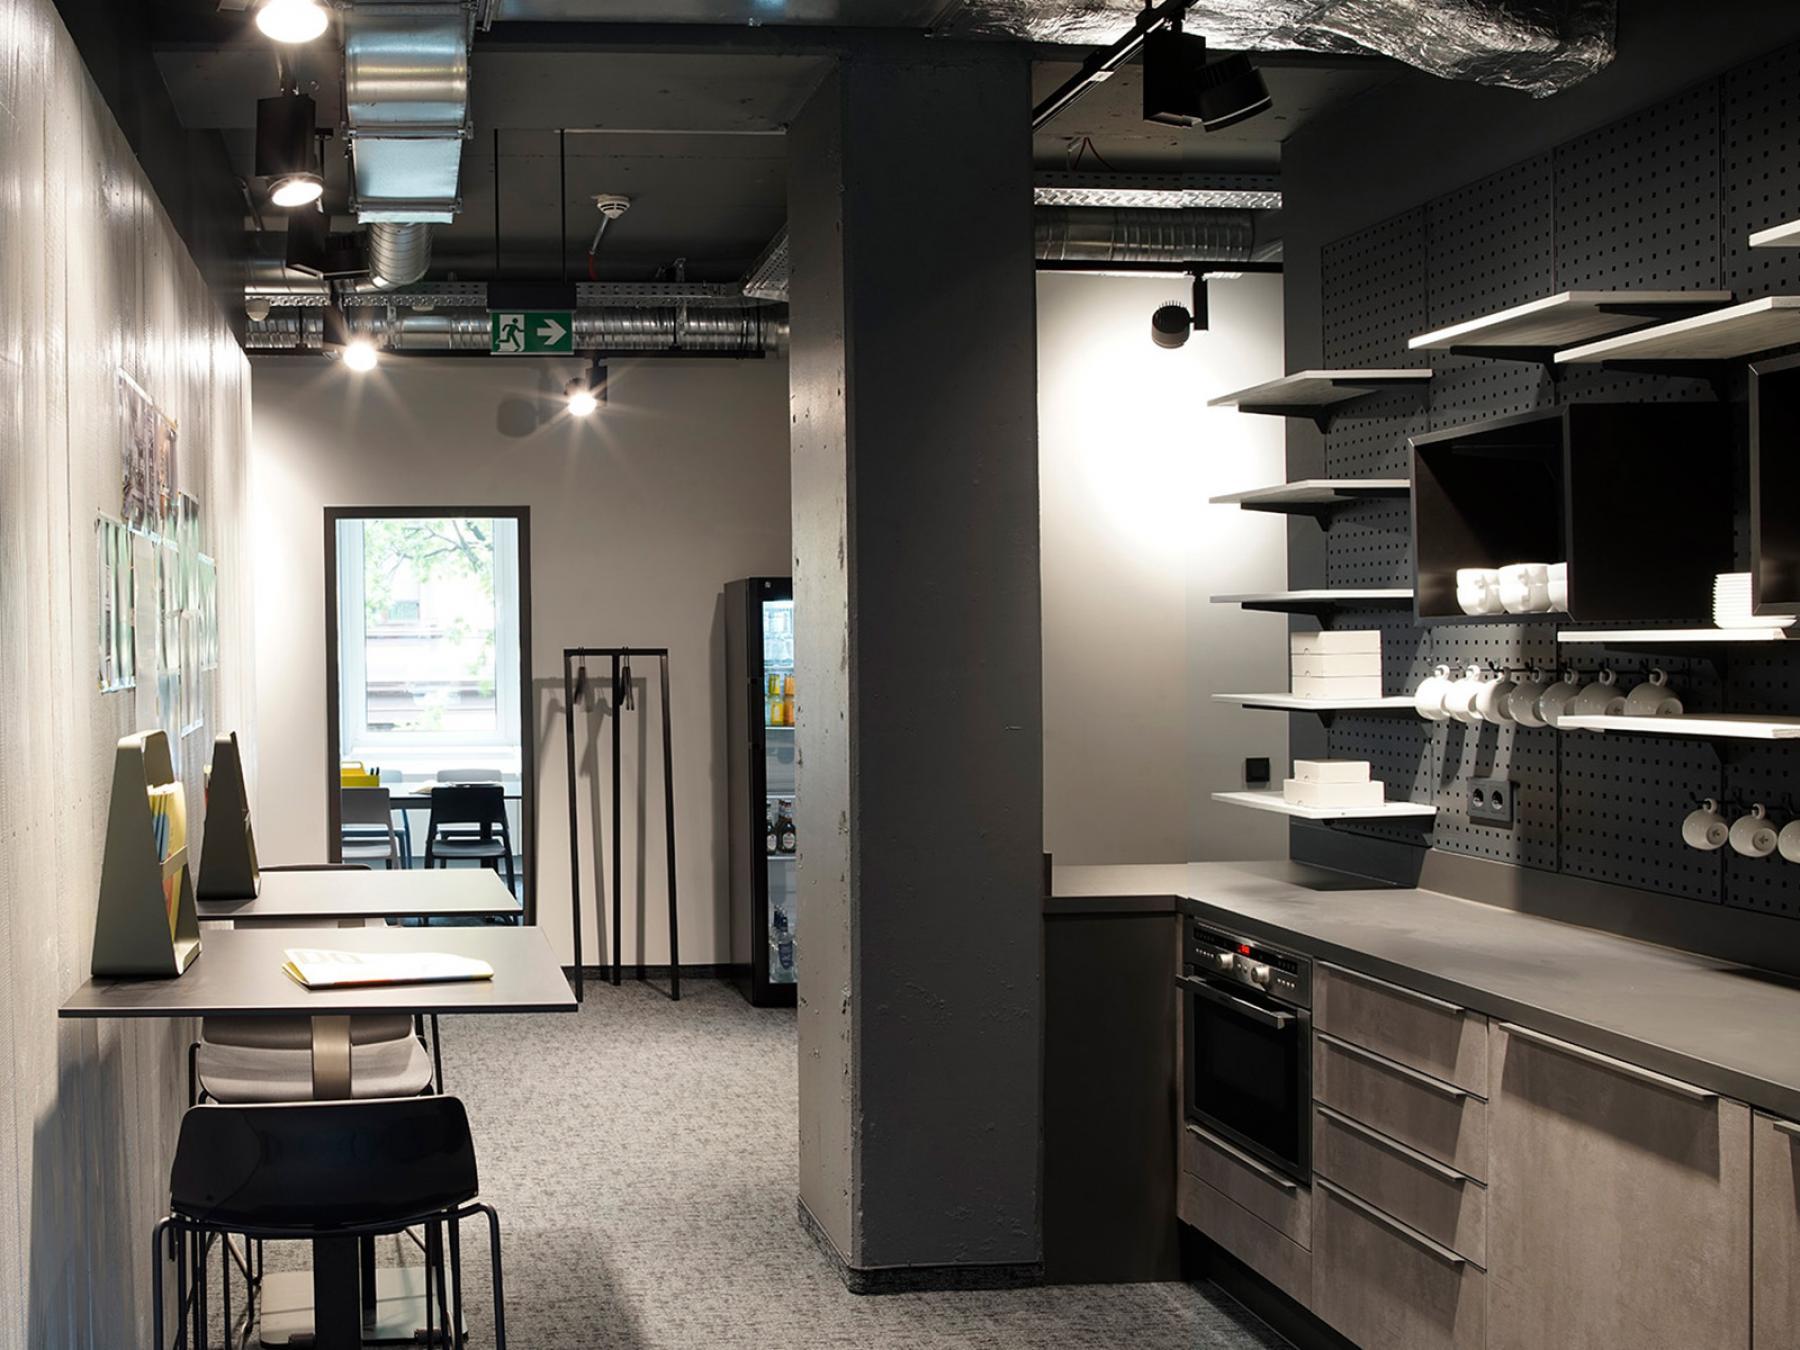 Küche mit Sitzgelegenheiten und Flur